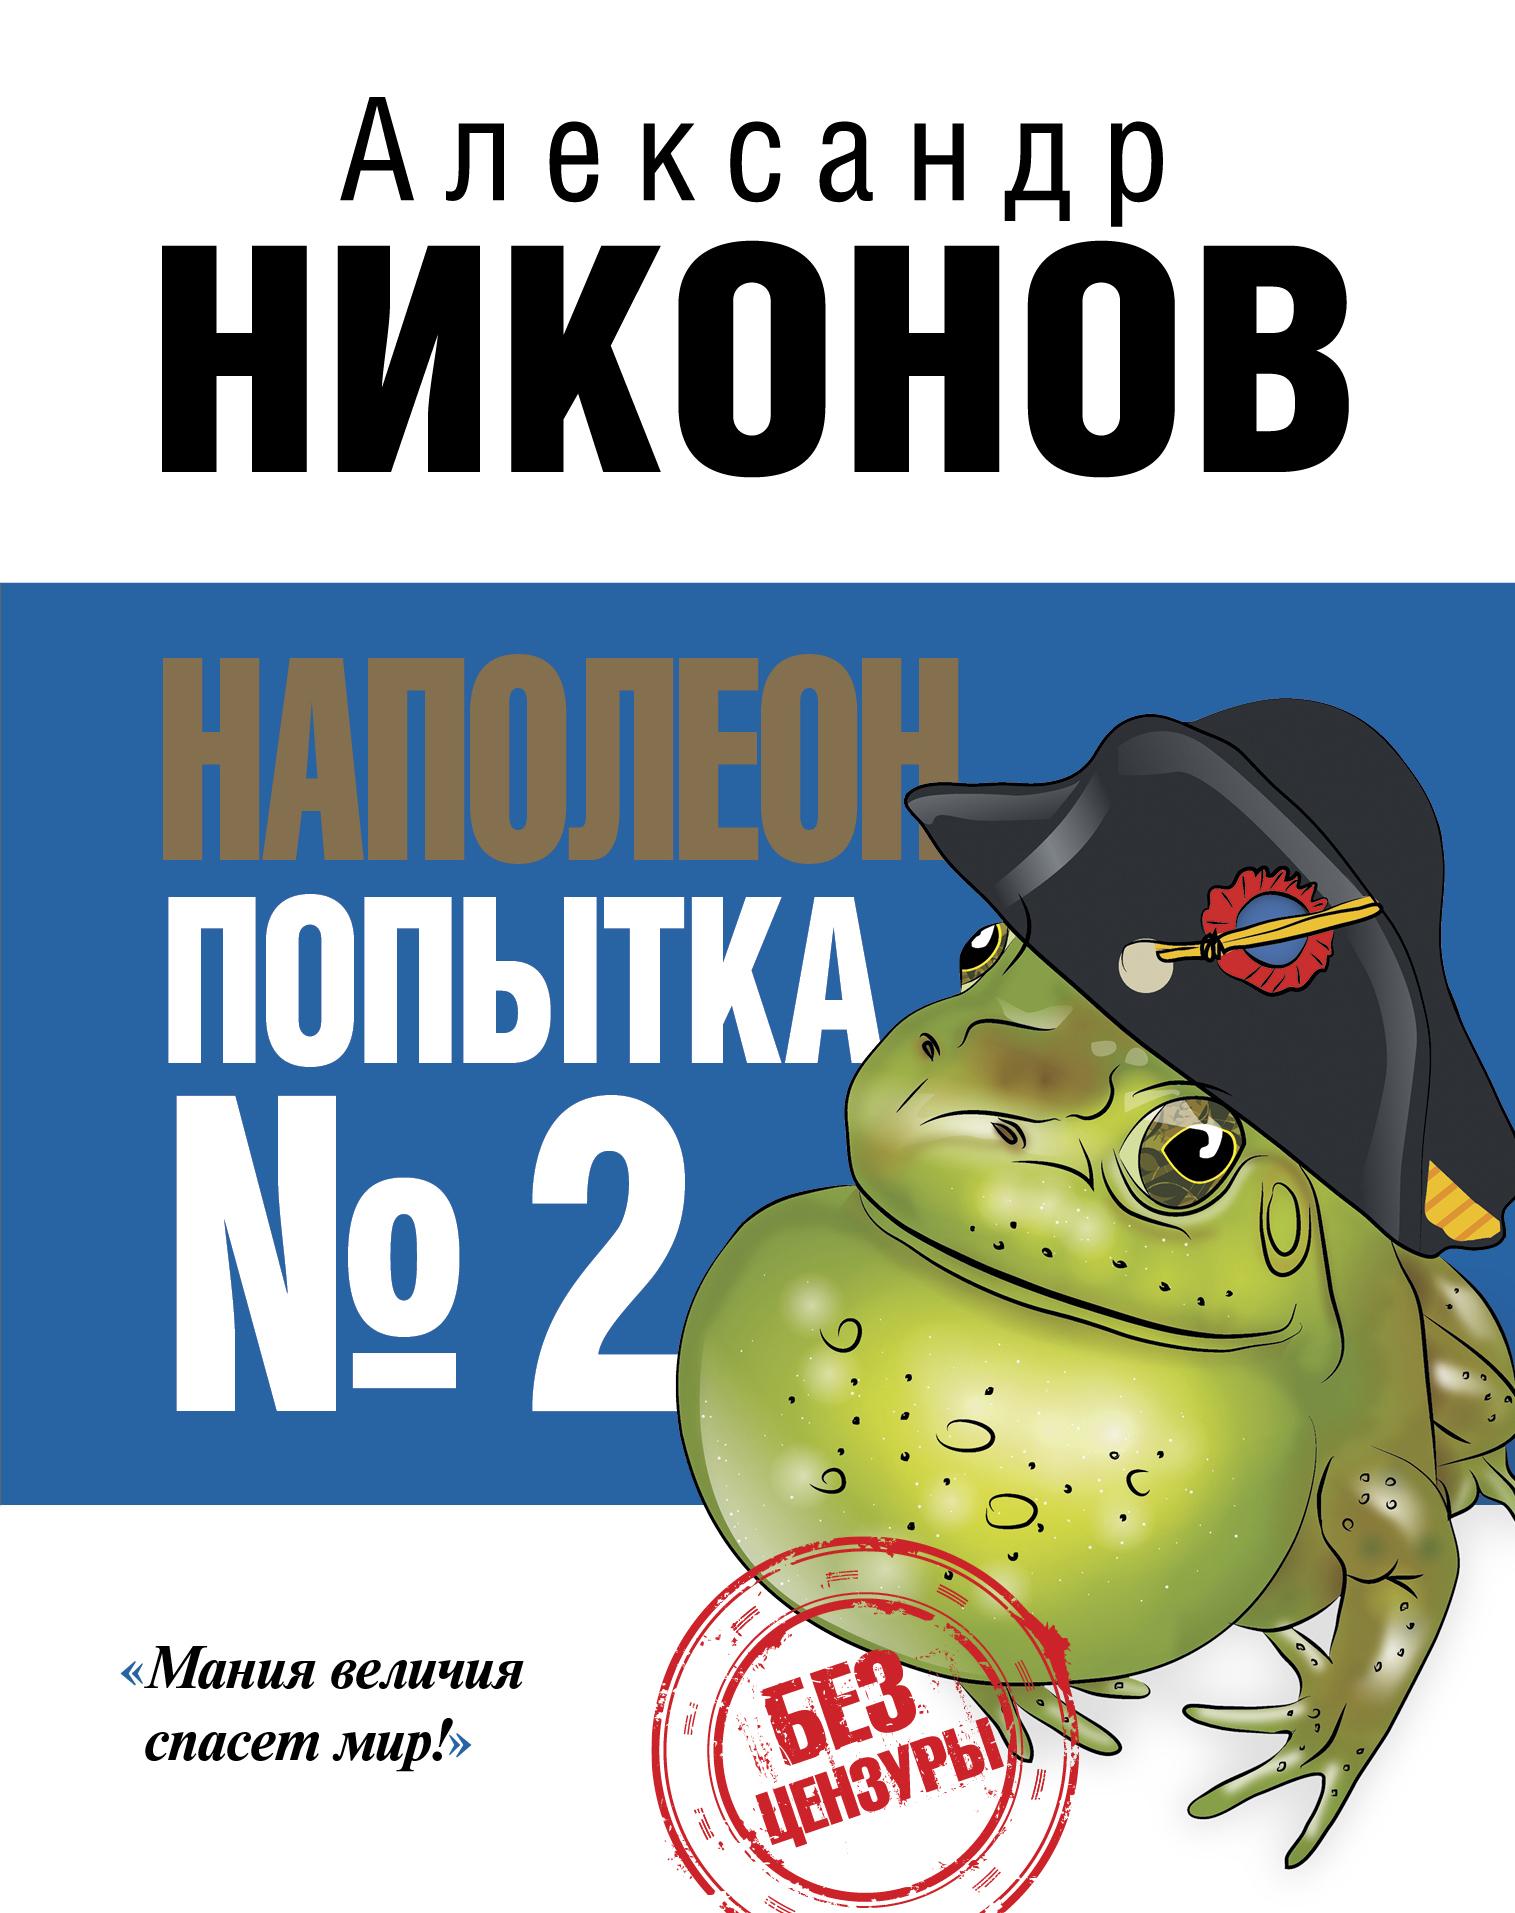 Никонов А.П. Наполеон. Попытка № 2